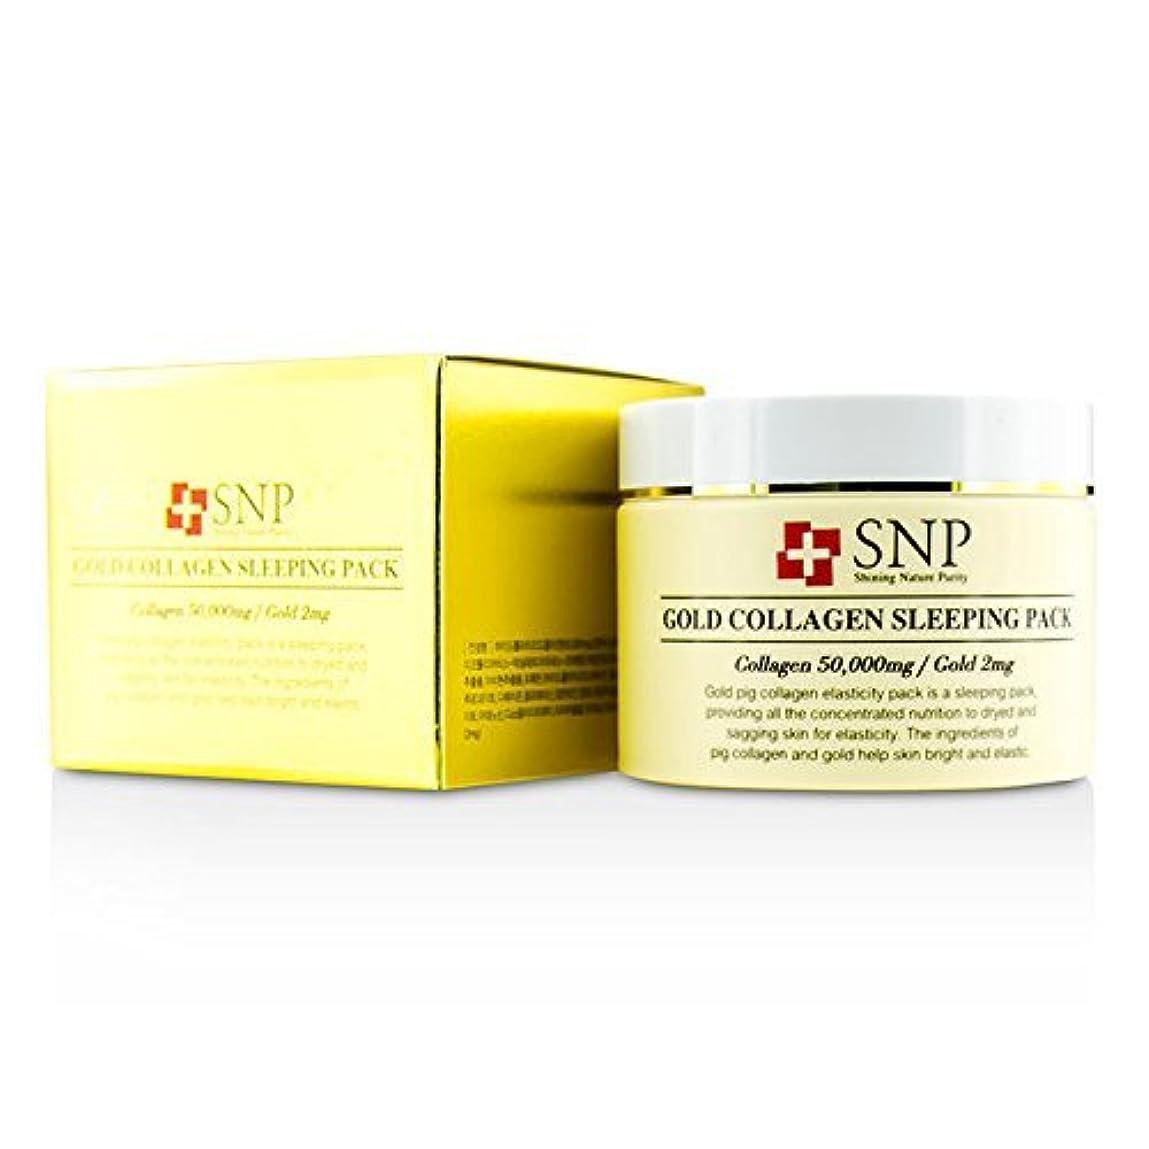 死傷者治世アトミックSNP ゴールドコラーゲン スリーピングパック Gold Collagen Sleeping Pack - Elasticity 100g/3.5oz [並行輸入品] 睡眠パック